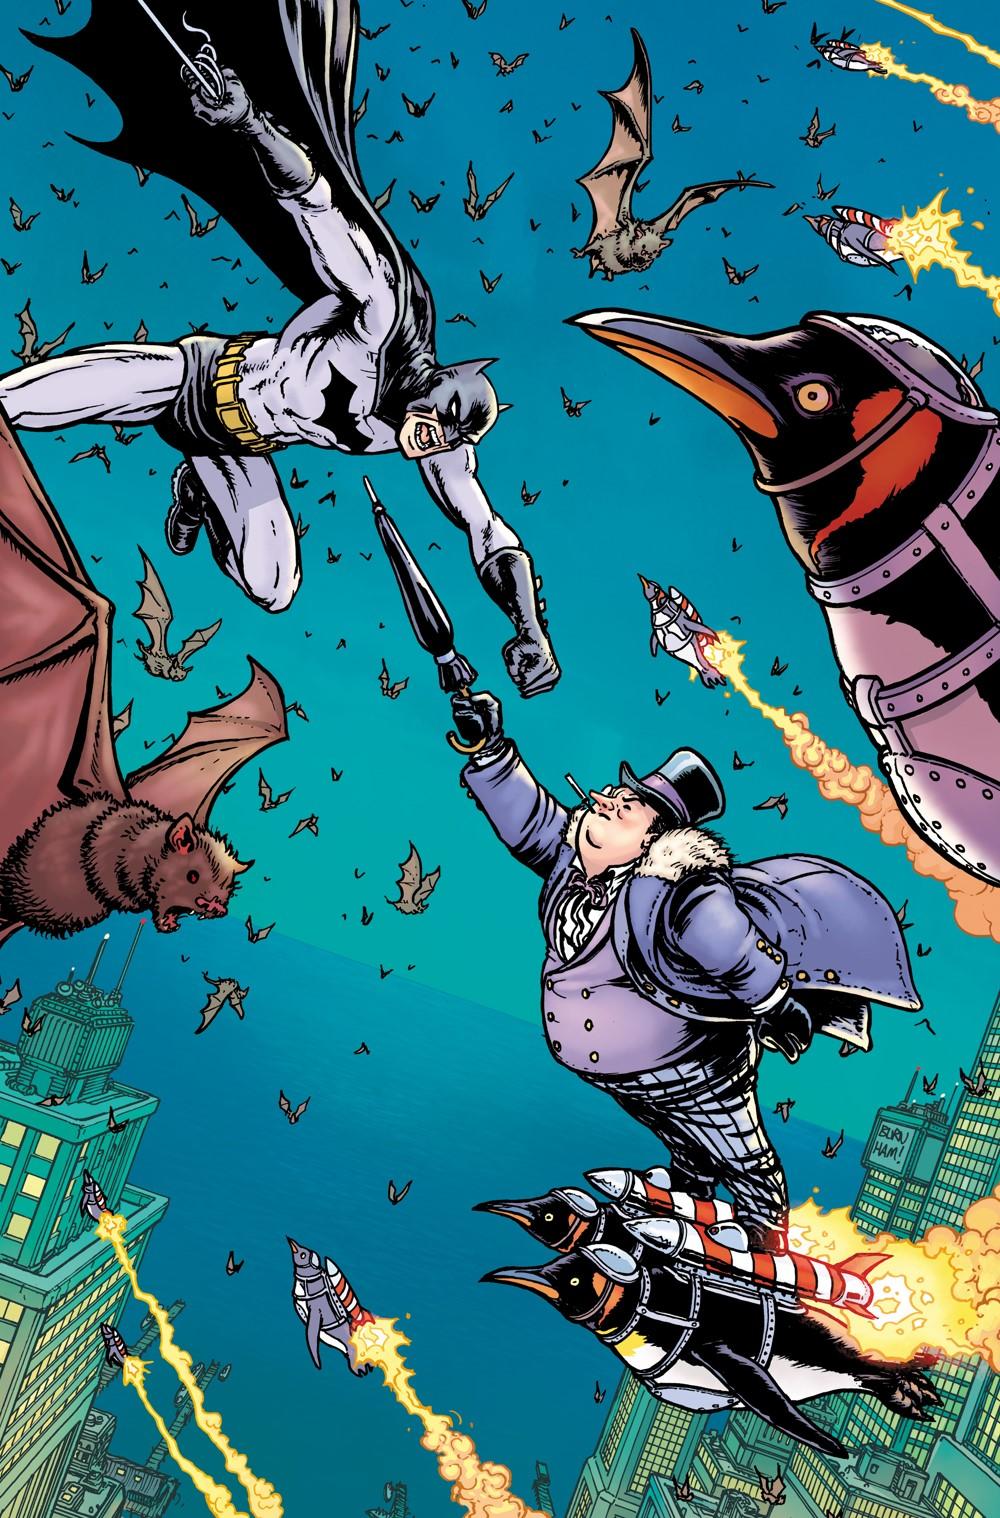 GOTHAM-CITY-VILLAINS-BURNHAM-RATIO DC Comics November 2021 Solicitations